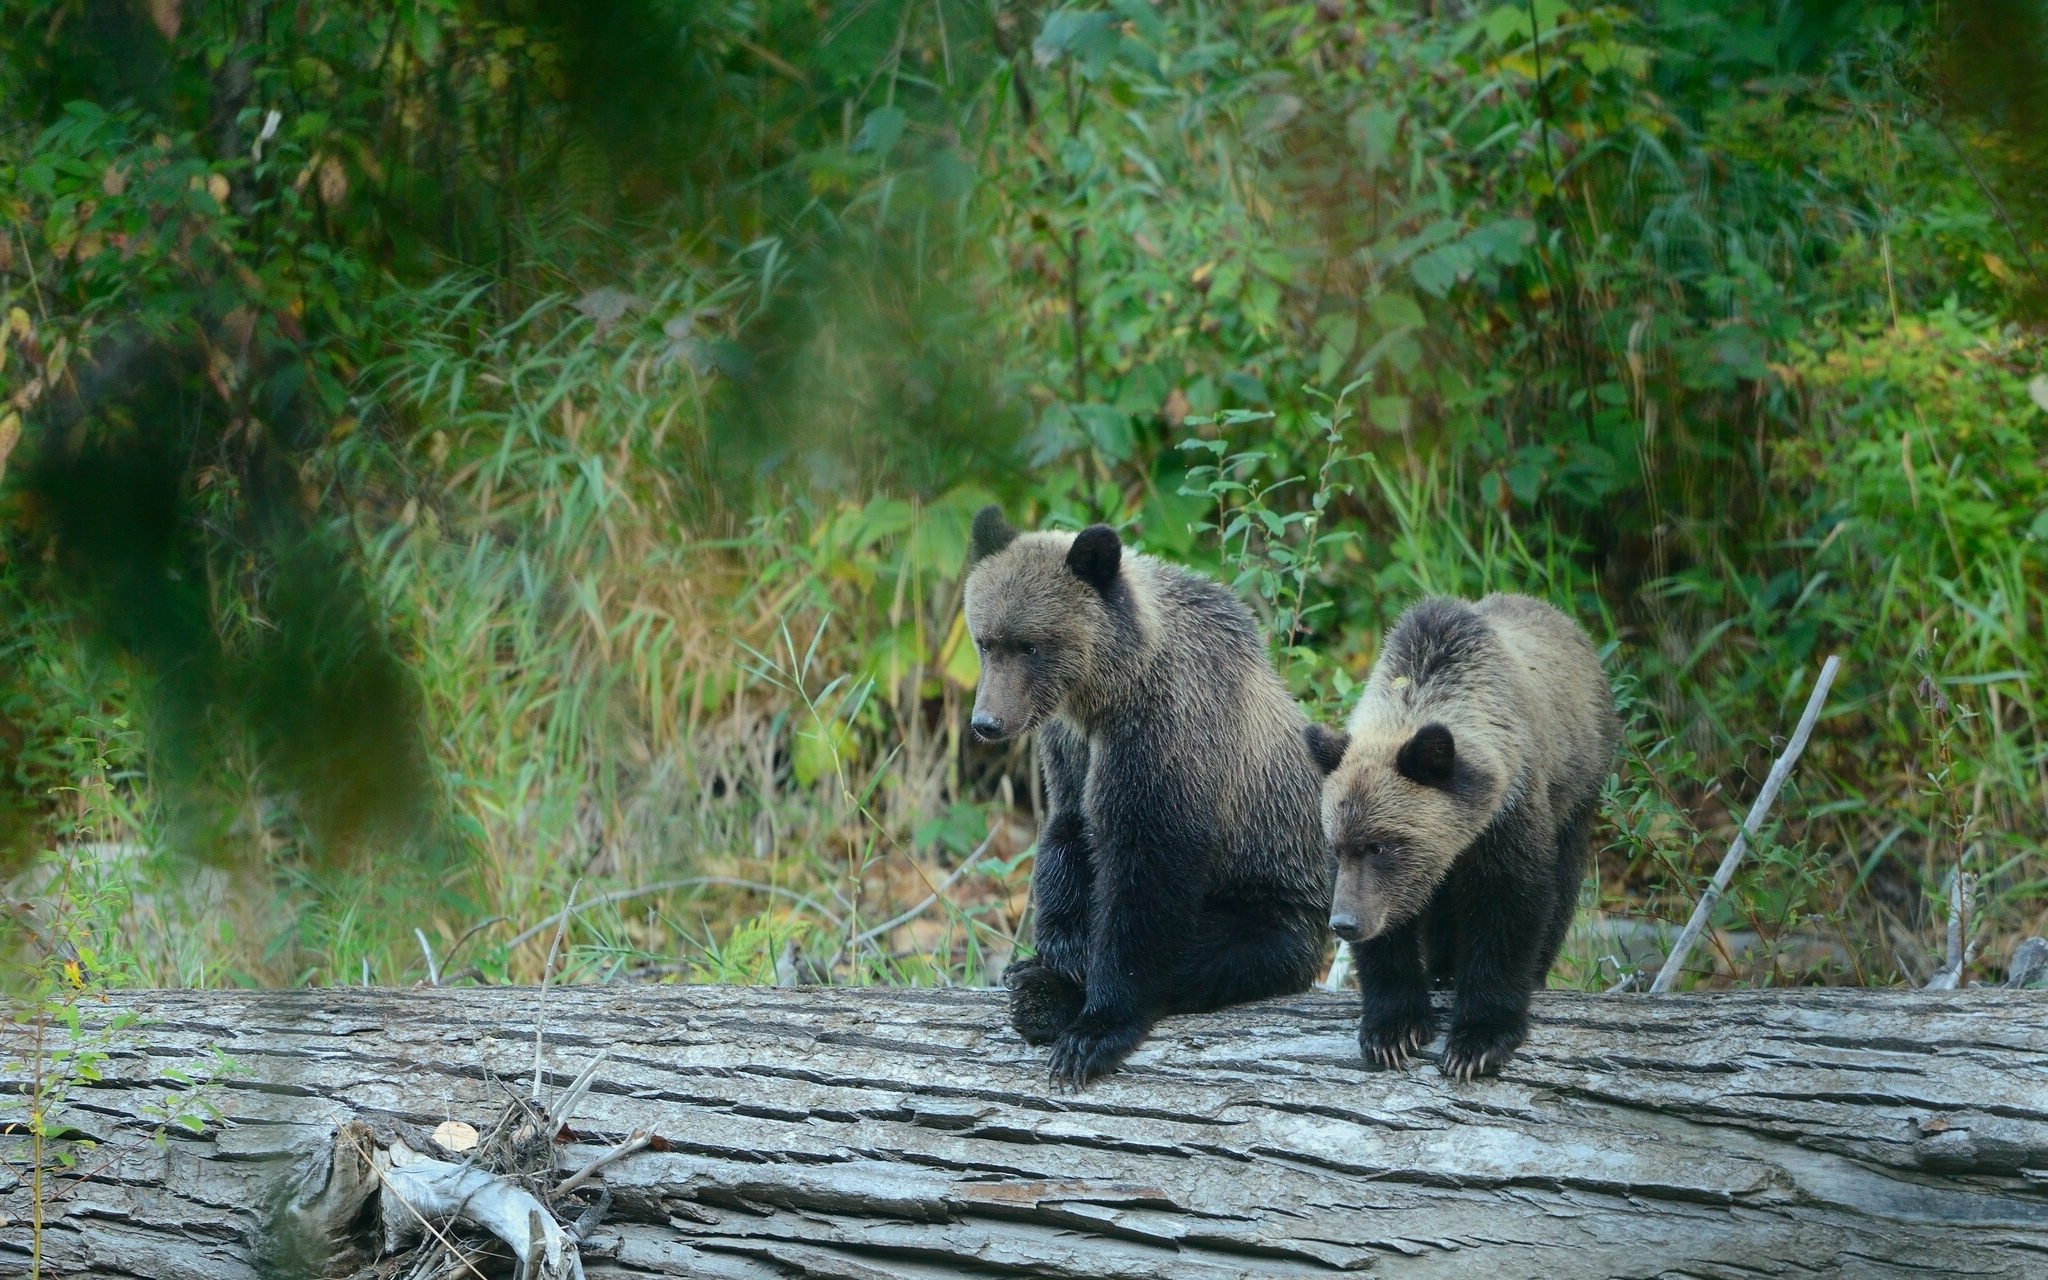 100743 Заставки и Обои Медведи на телефон. Скачать Животные, Медведи, Медведь, Детеныш, Гризли картинки бесплатно